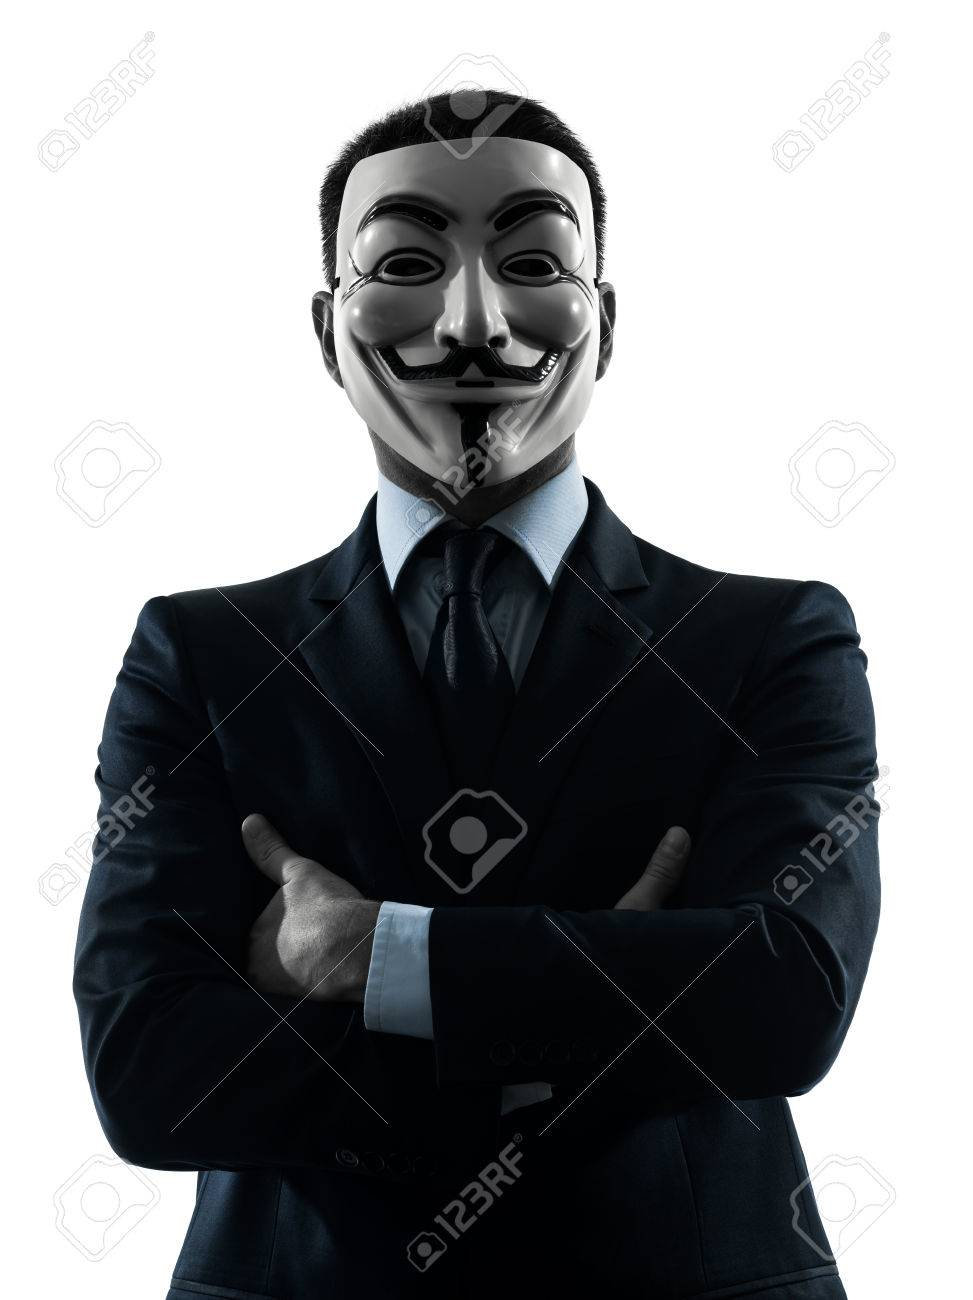 Vestido Y 30 Anonymous Hombre Enmascarado Del Miembro El OctubreUn París Clandestino ParísFrancia Grupo En 2012 Octubre De Como l1T3cFKJ